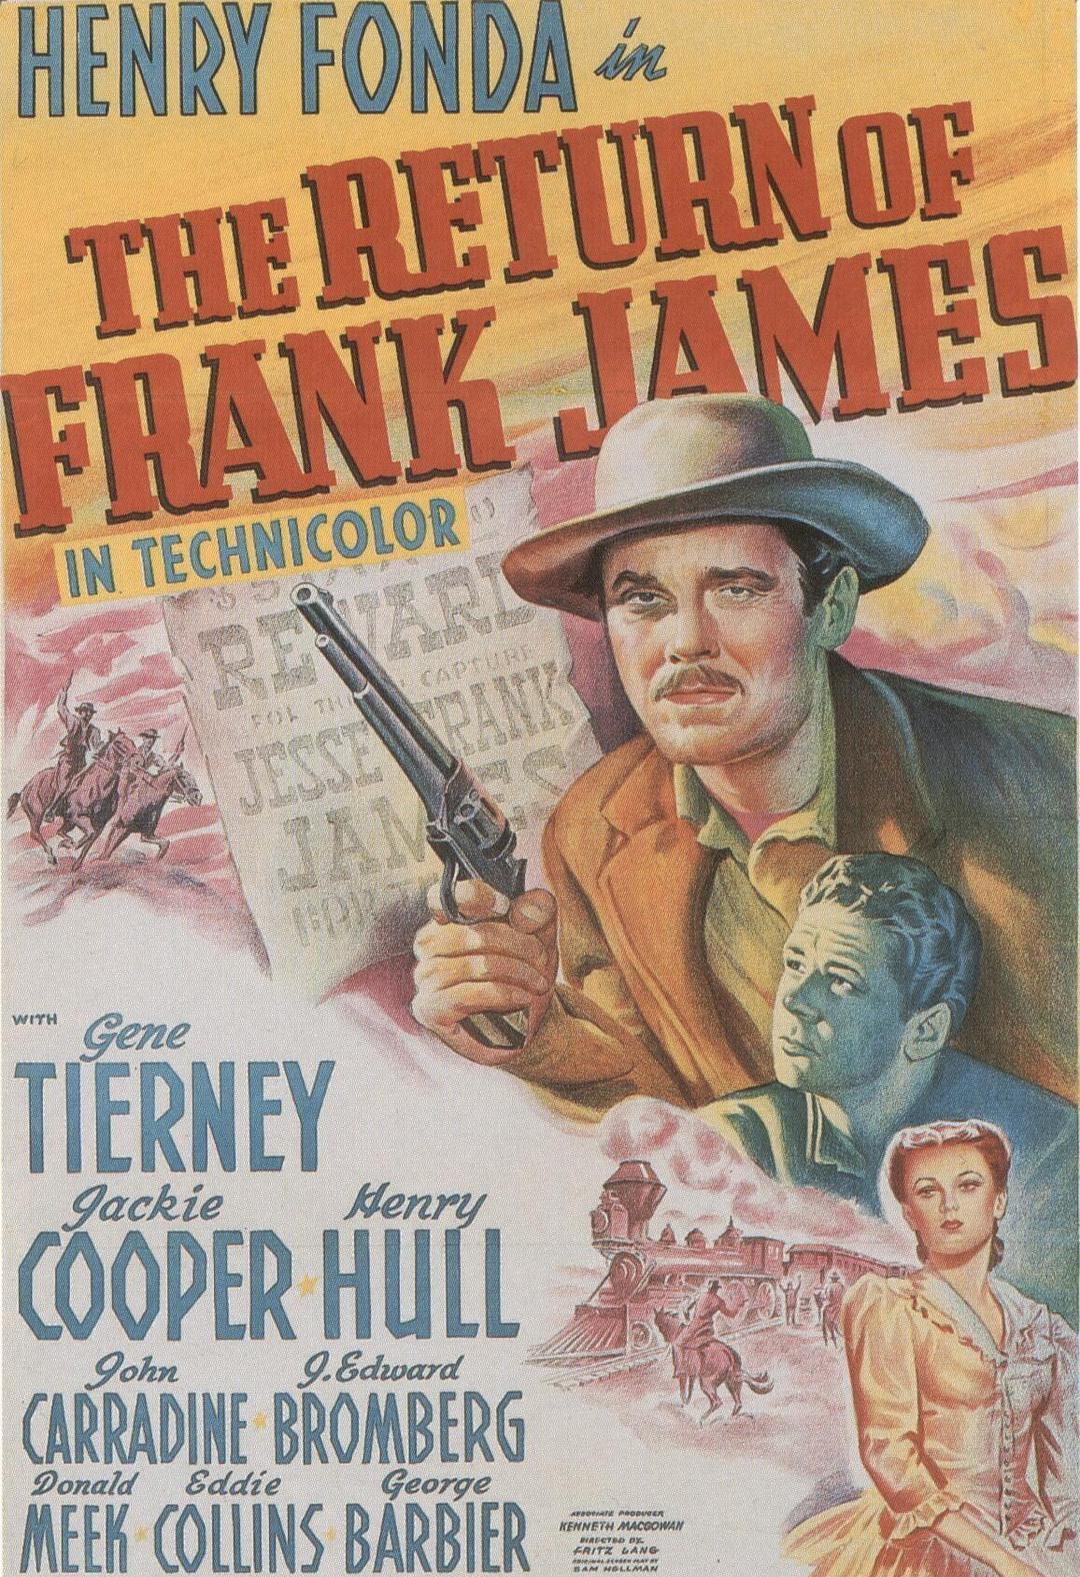 弗兰克·詹姆斯归来